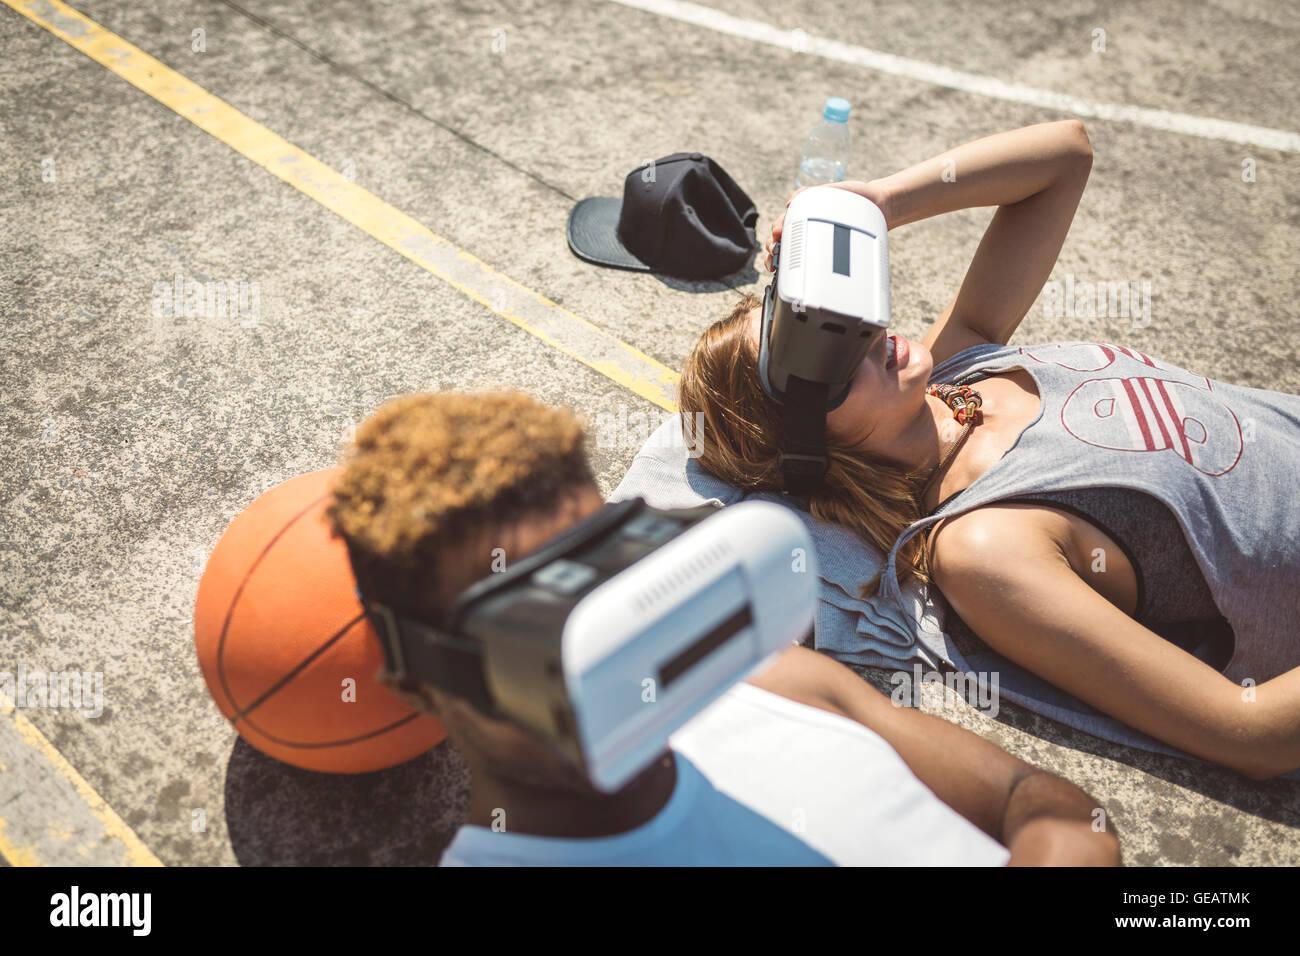 Pareja joven utilizando gafas de realidad virtual, descansando los jefes sobre baloncesto Imagen De Stock